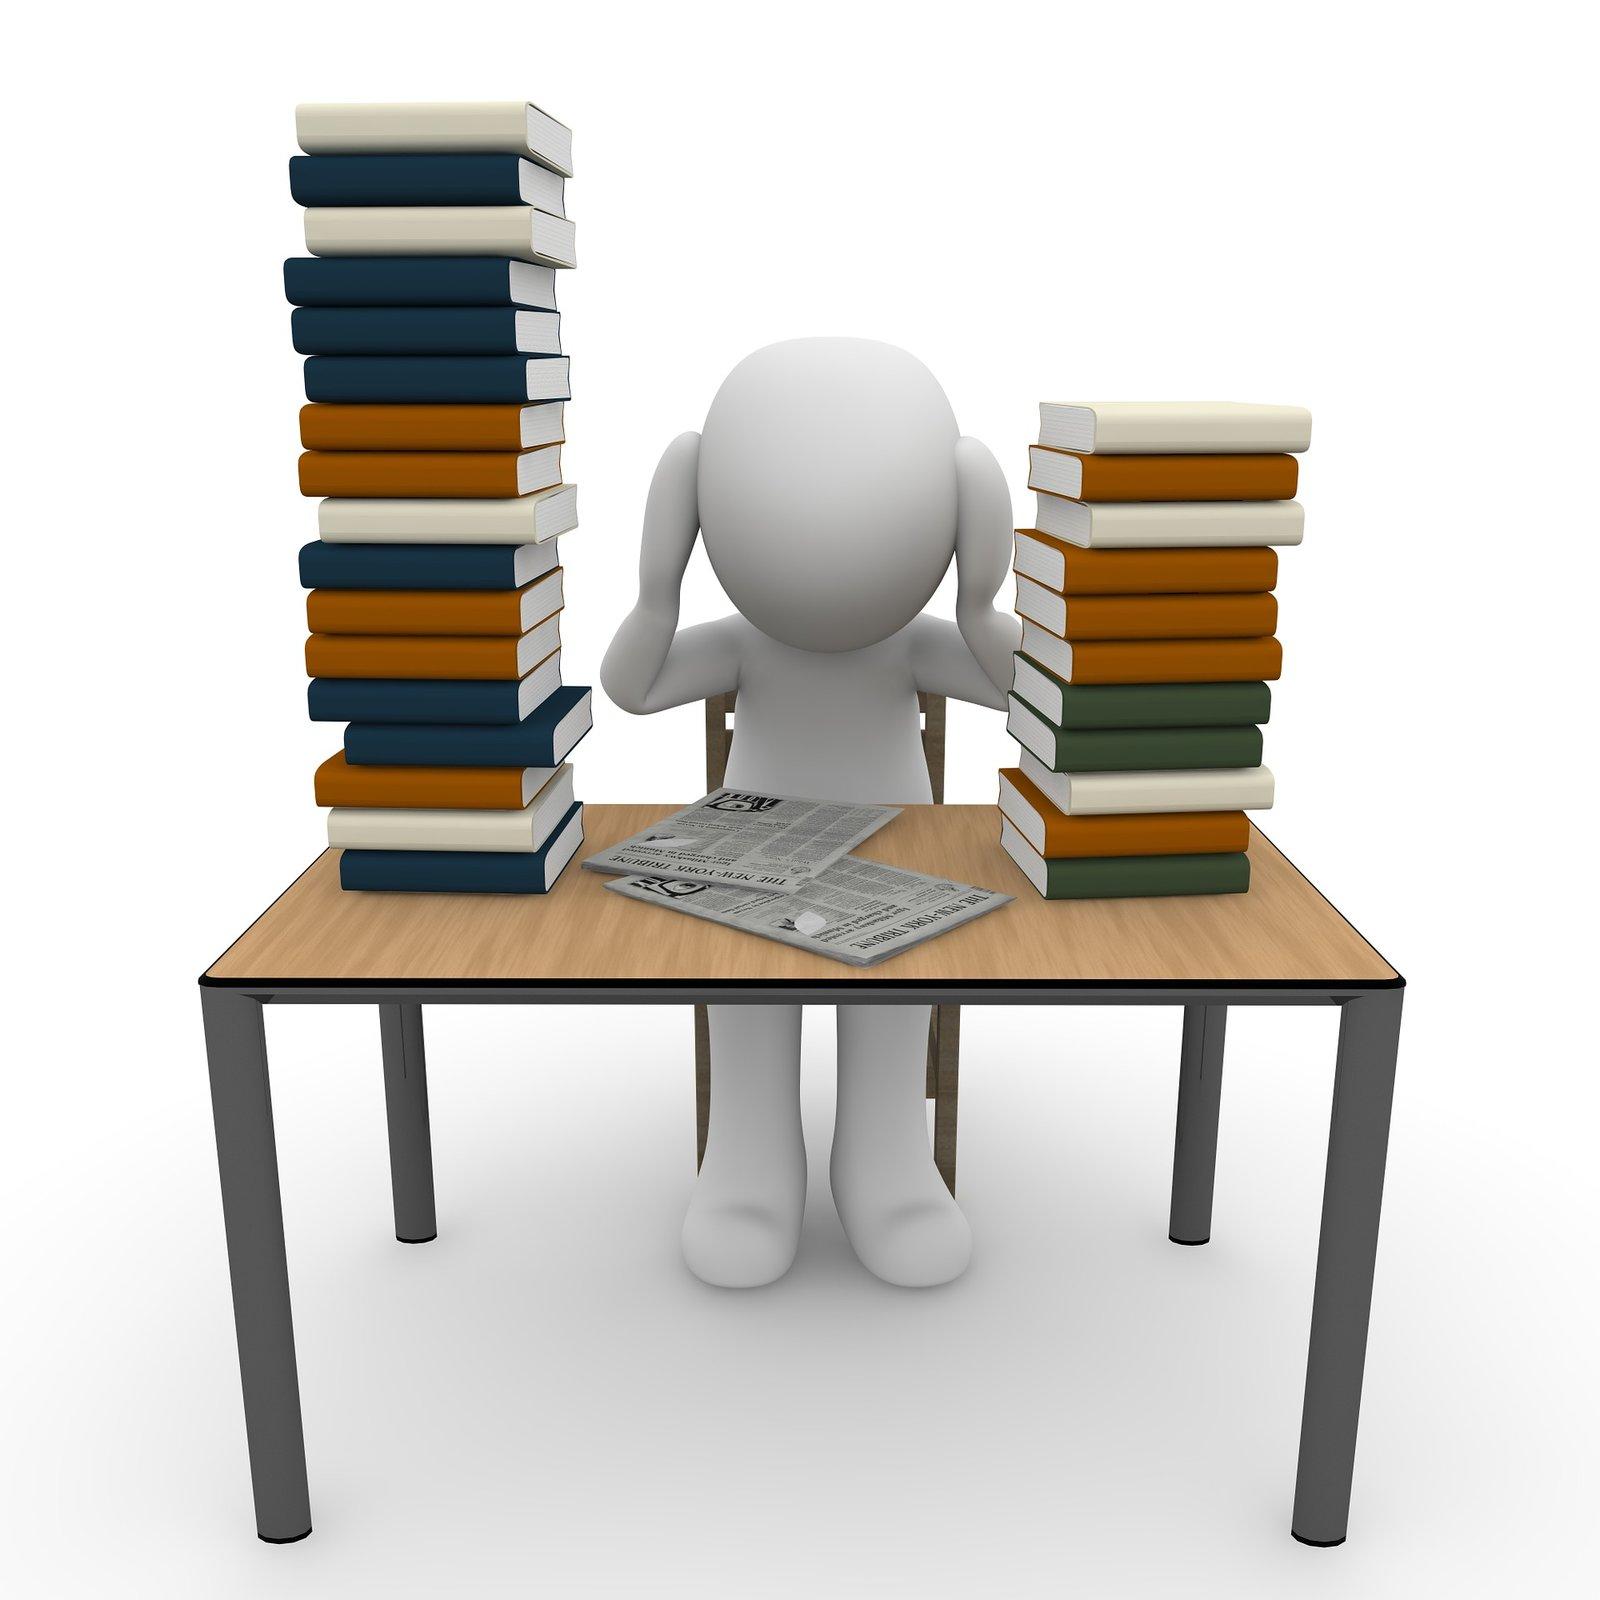 Okładka - Słowniki jako nasza pamięć Źródło: pixabay, licencja: CC 0.